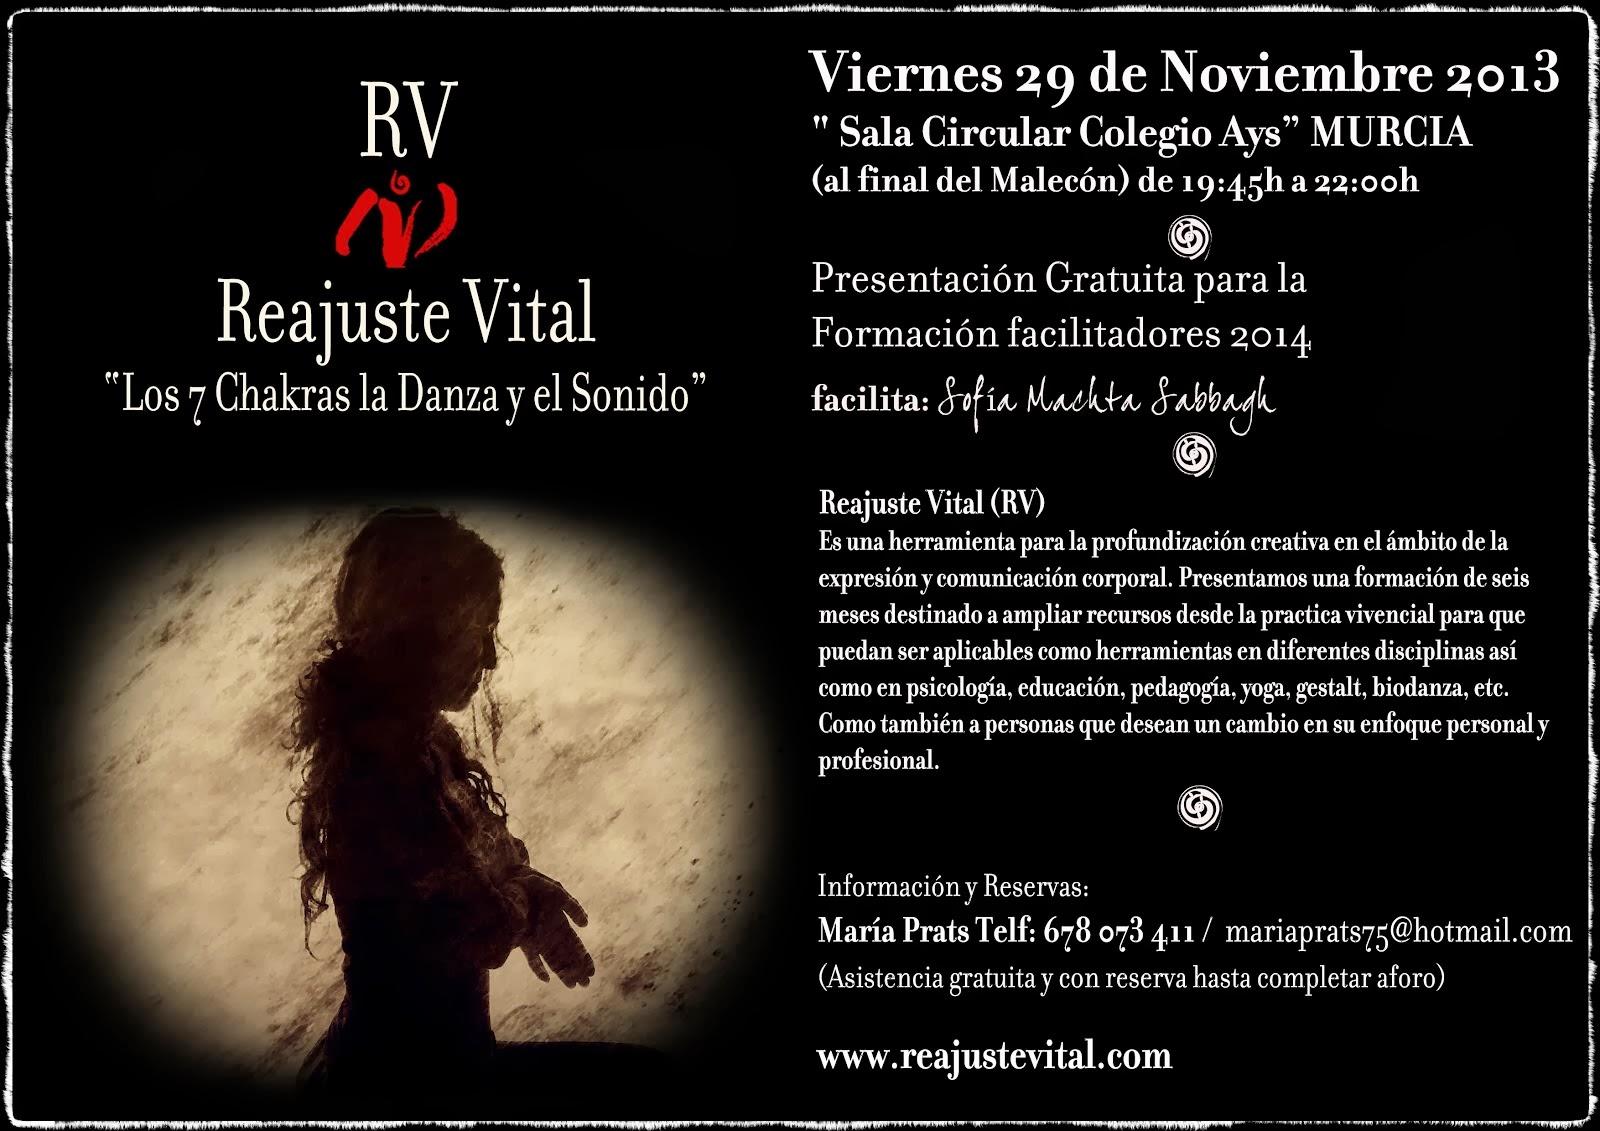 Presentación en Murcia 29 de Noviembre del 2013